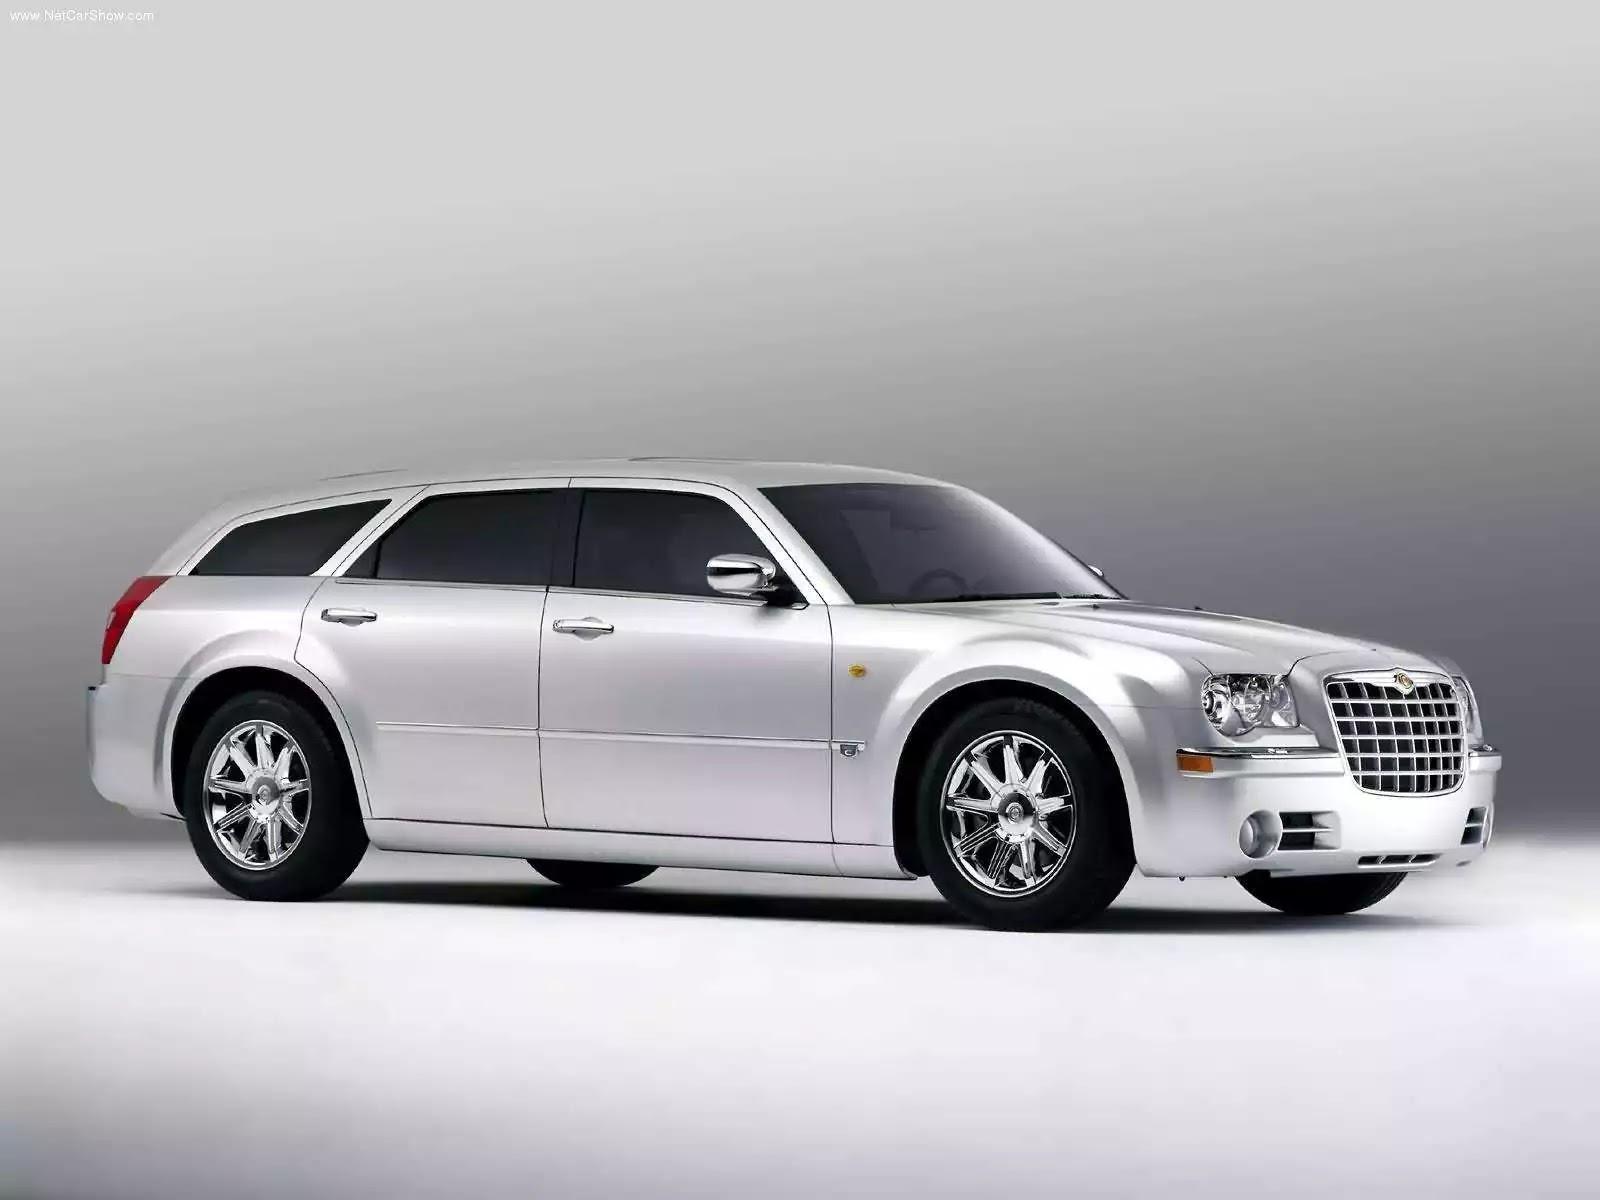 Hình ảnh xe ô tô Chrysler 300C Touring Concept 2003 & nội ngoại thất